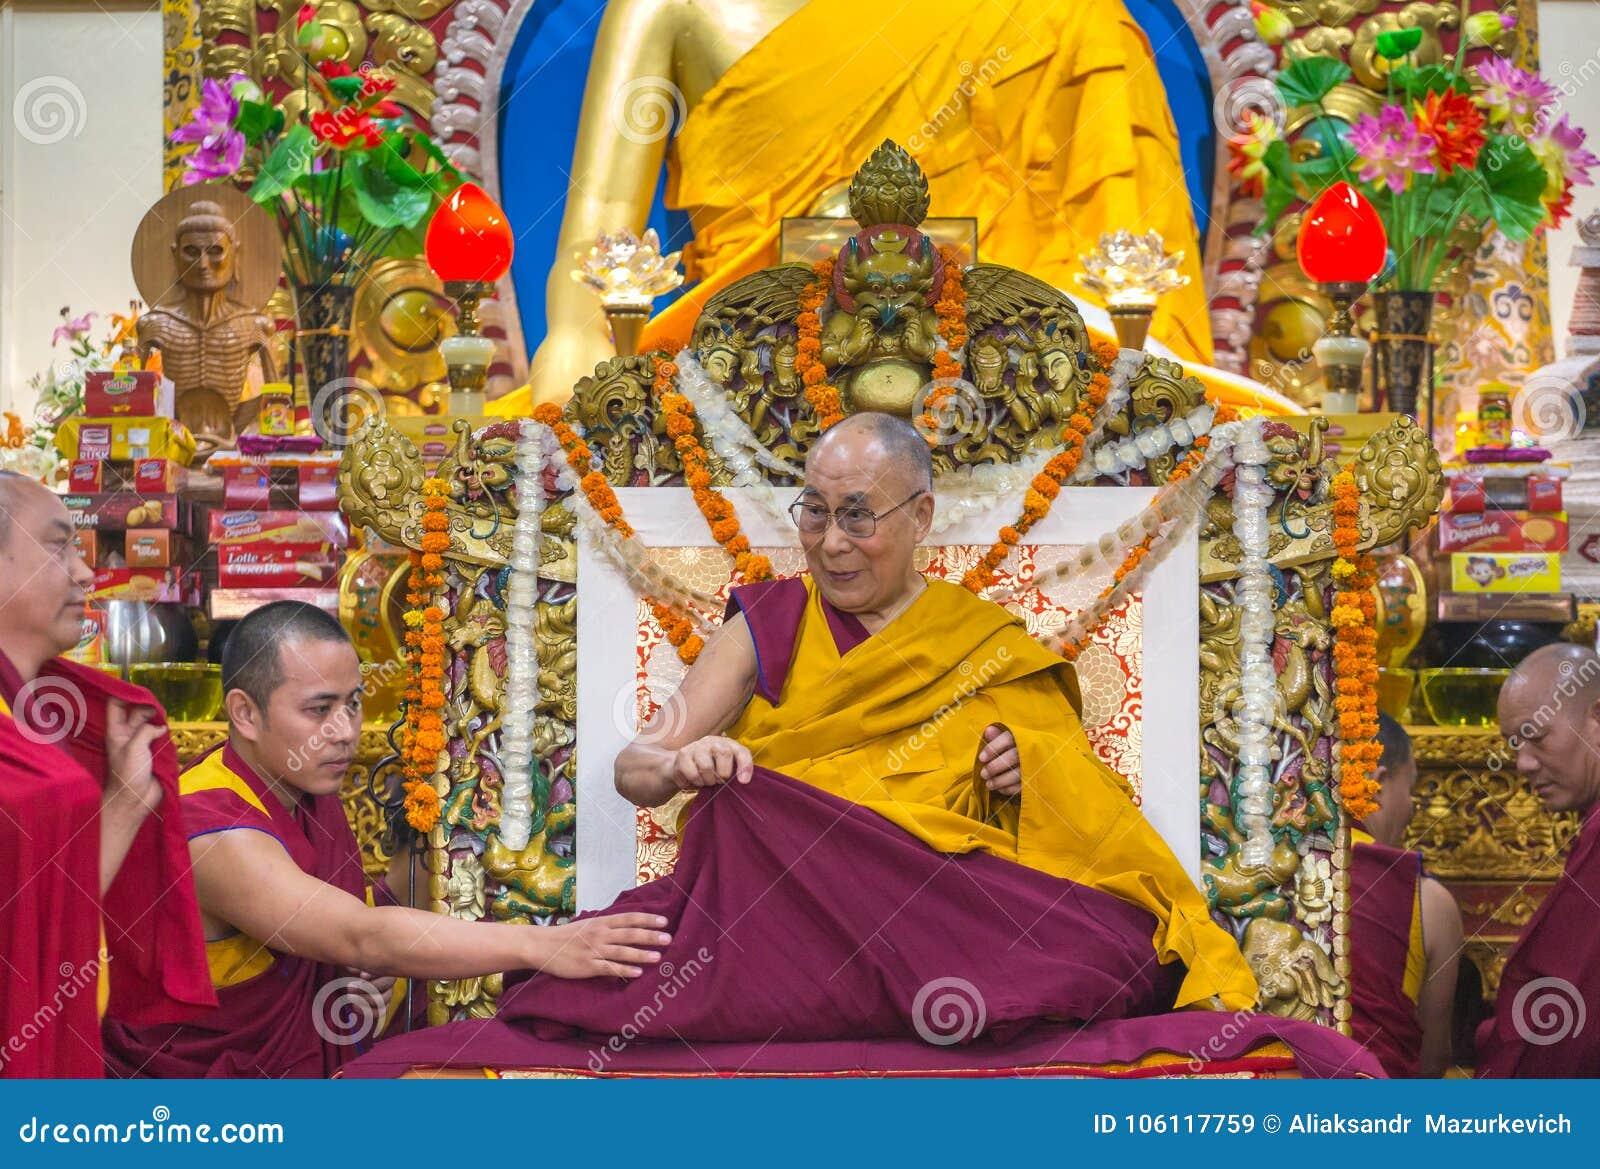 Jego Holiness 14 Dalai Lama Tenzin Gyatso daje nauczaniom w jego siedzibie w Dharamsala, India